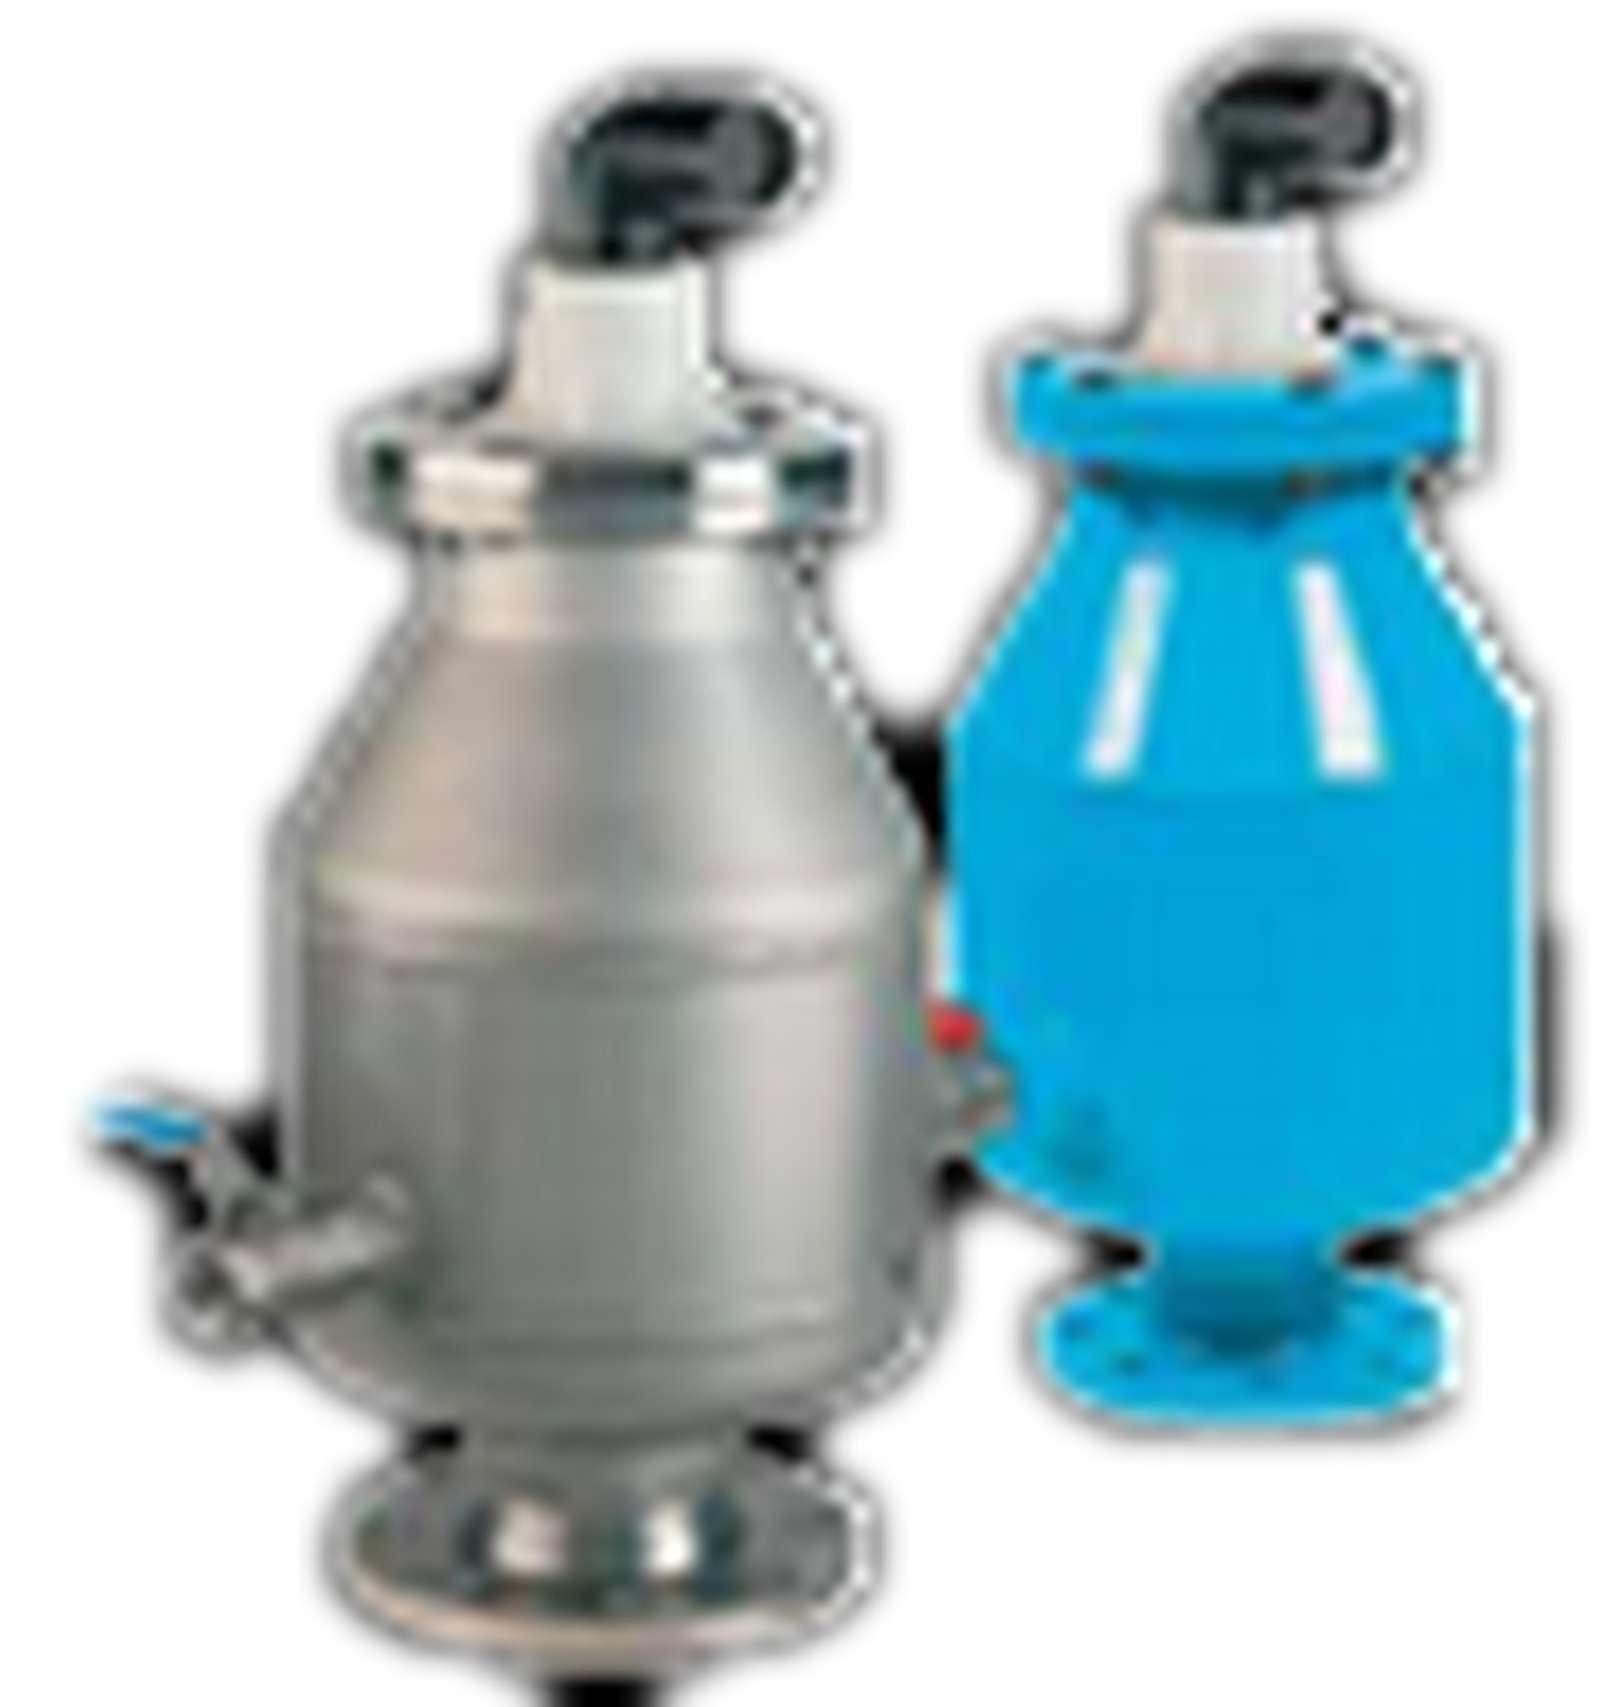 Zavzdušňovací a odvzdušňovací ventily, odvzdušňovací soupravy